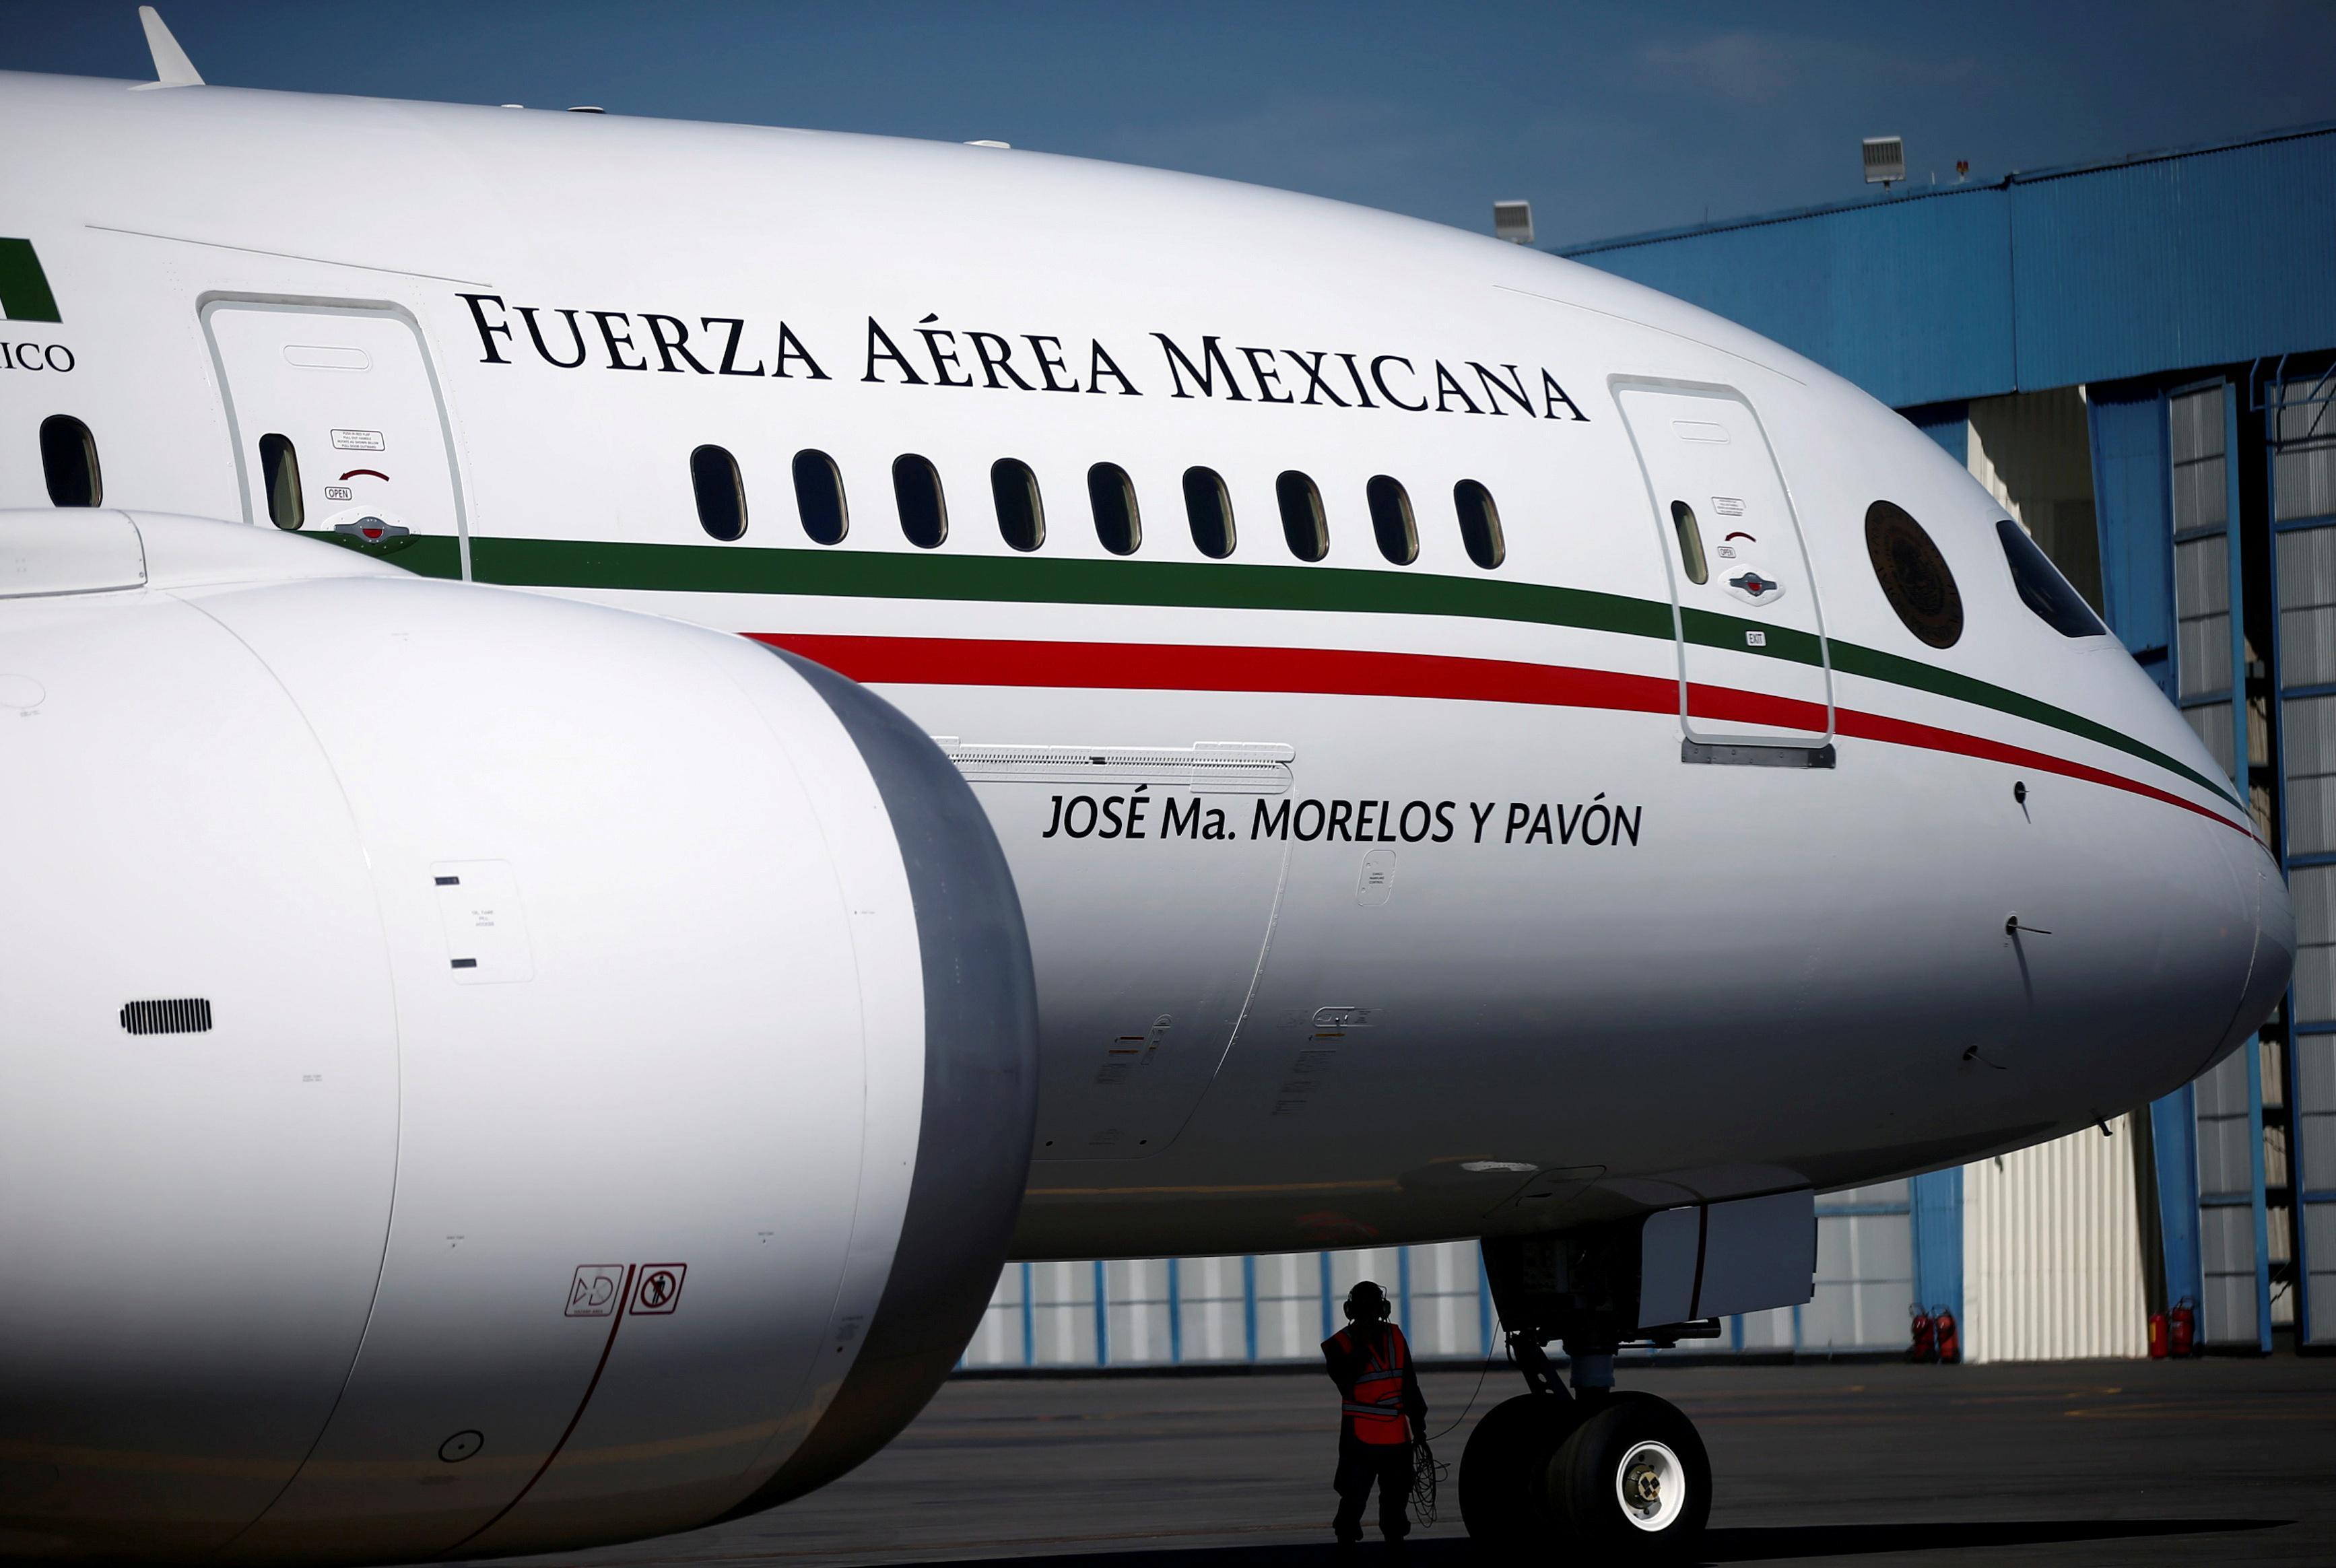 La rifa no es del avión en sí, sino del dinero equivalente a esta costosa aeronave. Foto: Reuters.